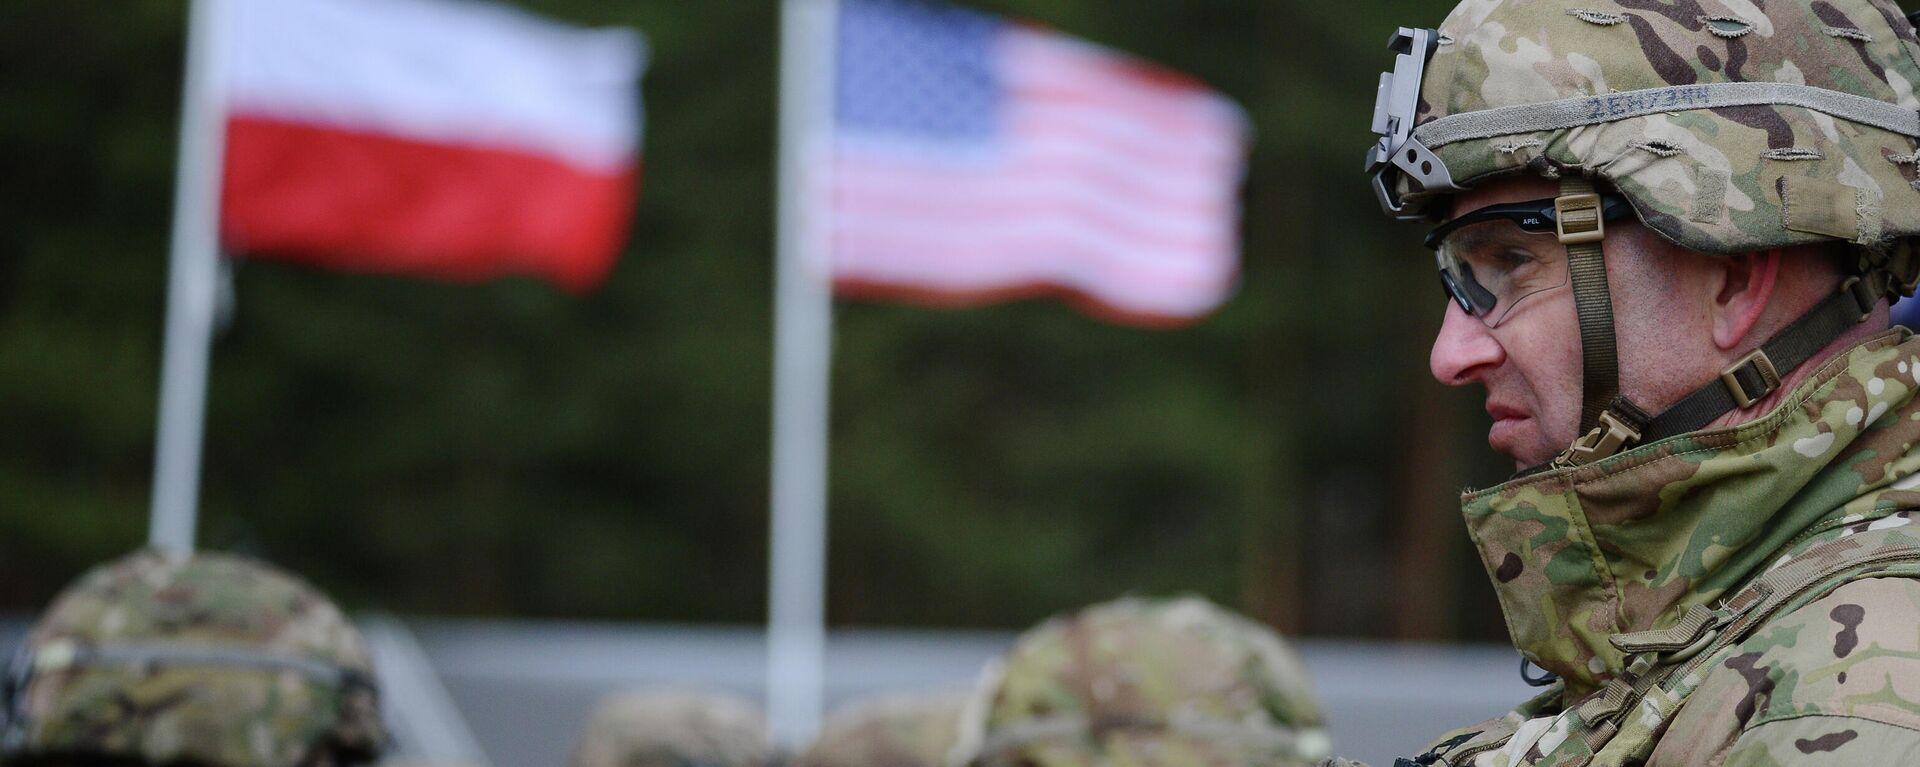 Церемония приветствия многонационального батальона НАТО под руководством США в польском Ожише - Sputnik Тоҷикистон, 1920, 12.08.2021